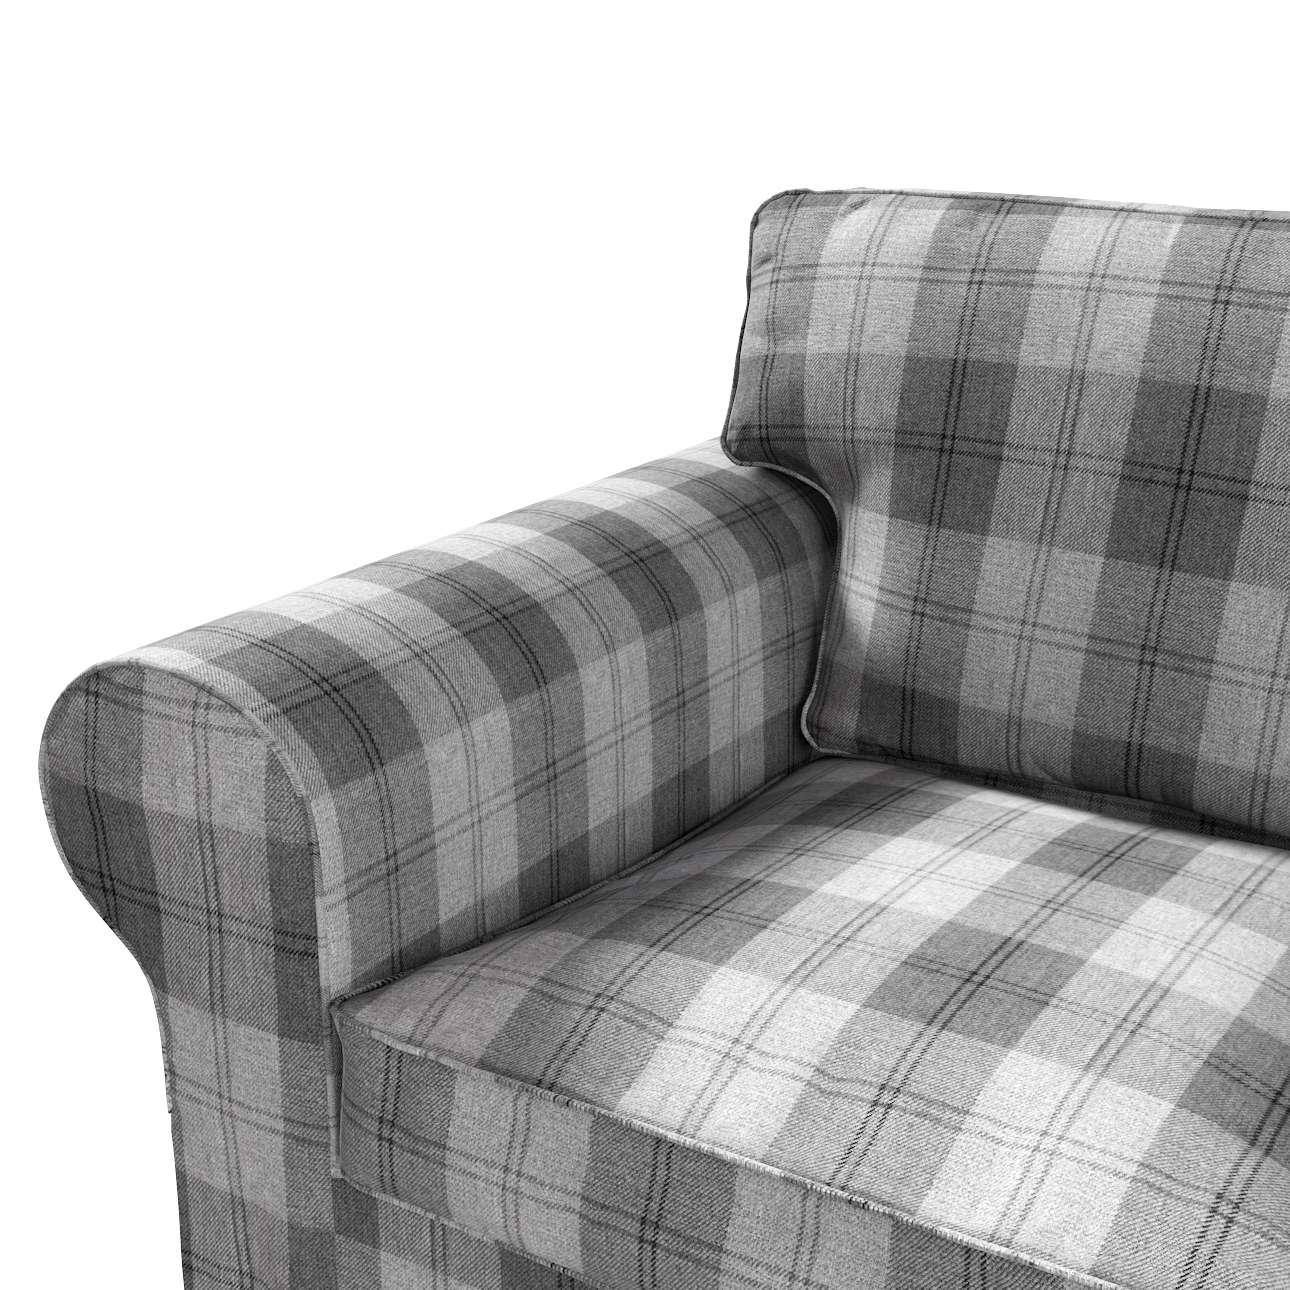 Pokrowiec na sofę Ektorp 2-osobową, rozkładaną, model do 2012 w kolekcji Edinburgh, tkanina: 115-75